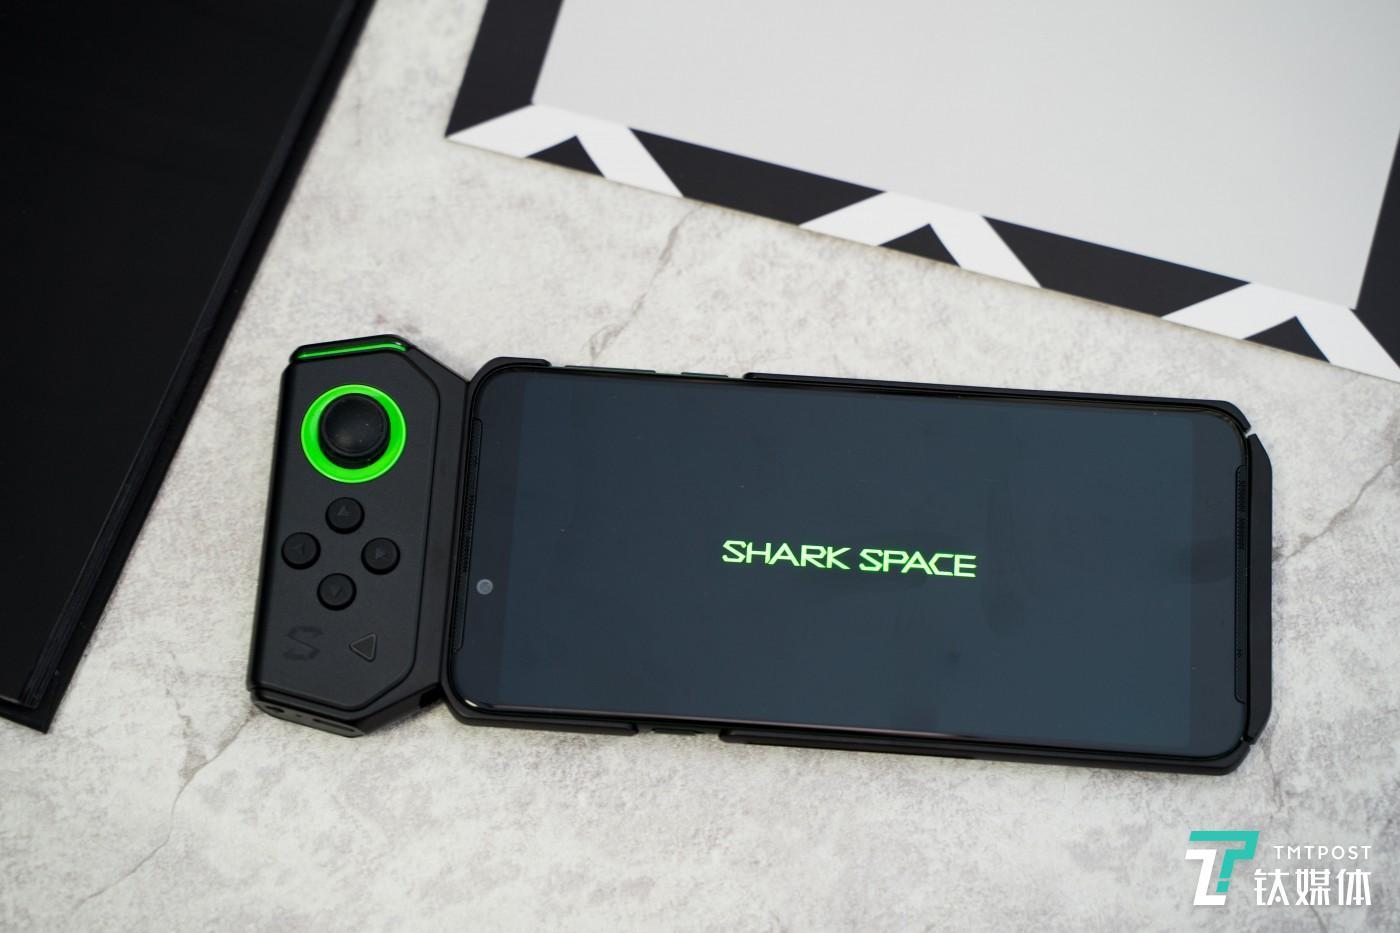 采用新的滑轨方式与手机连接